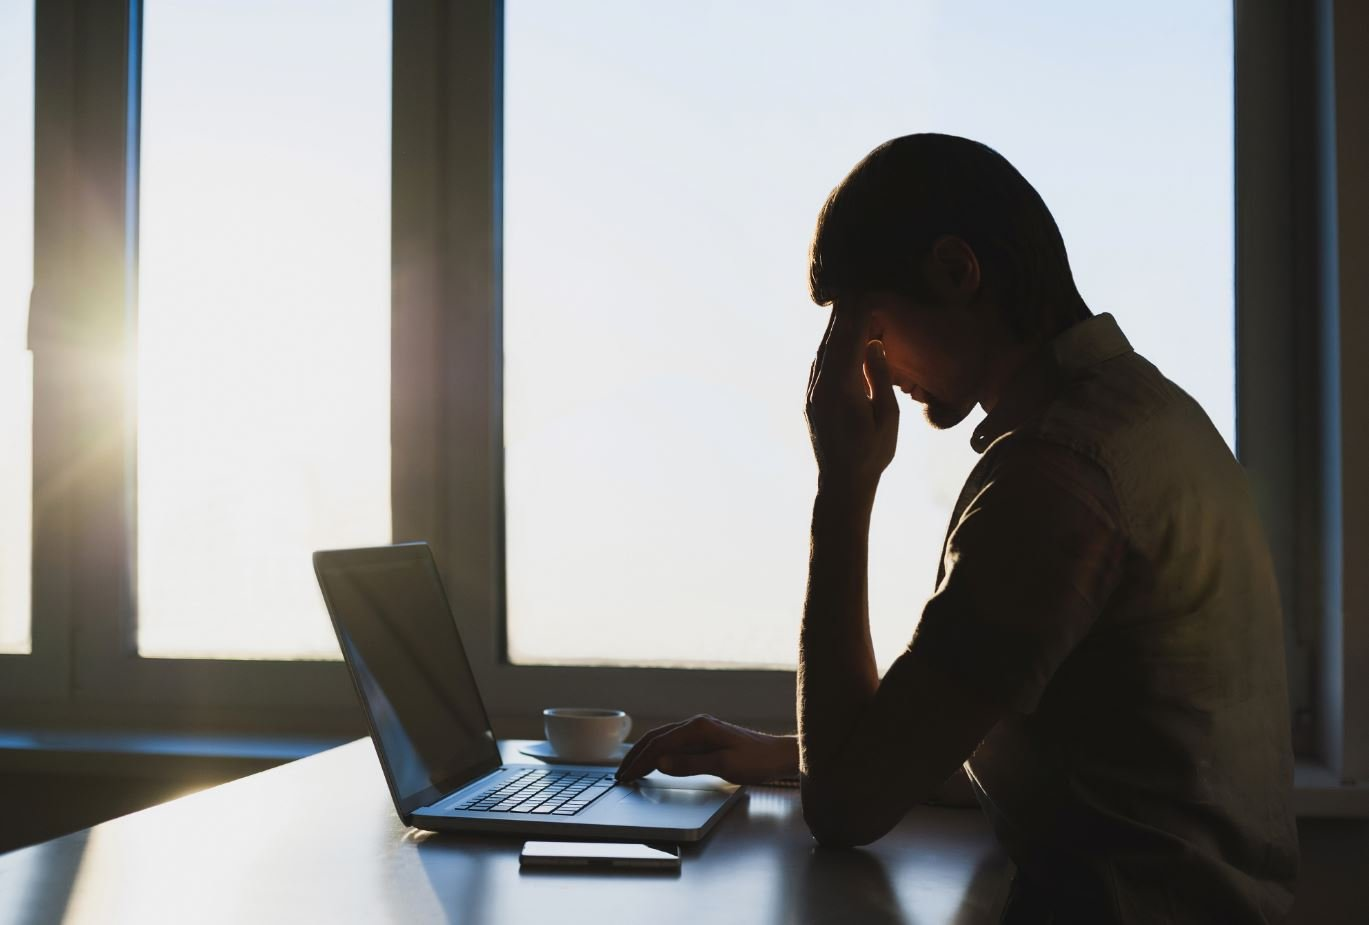 網路攻擊和資料盜竊列組織前五大風險,資安長(CISO)該怎麼辦?